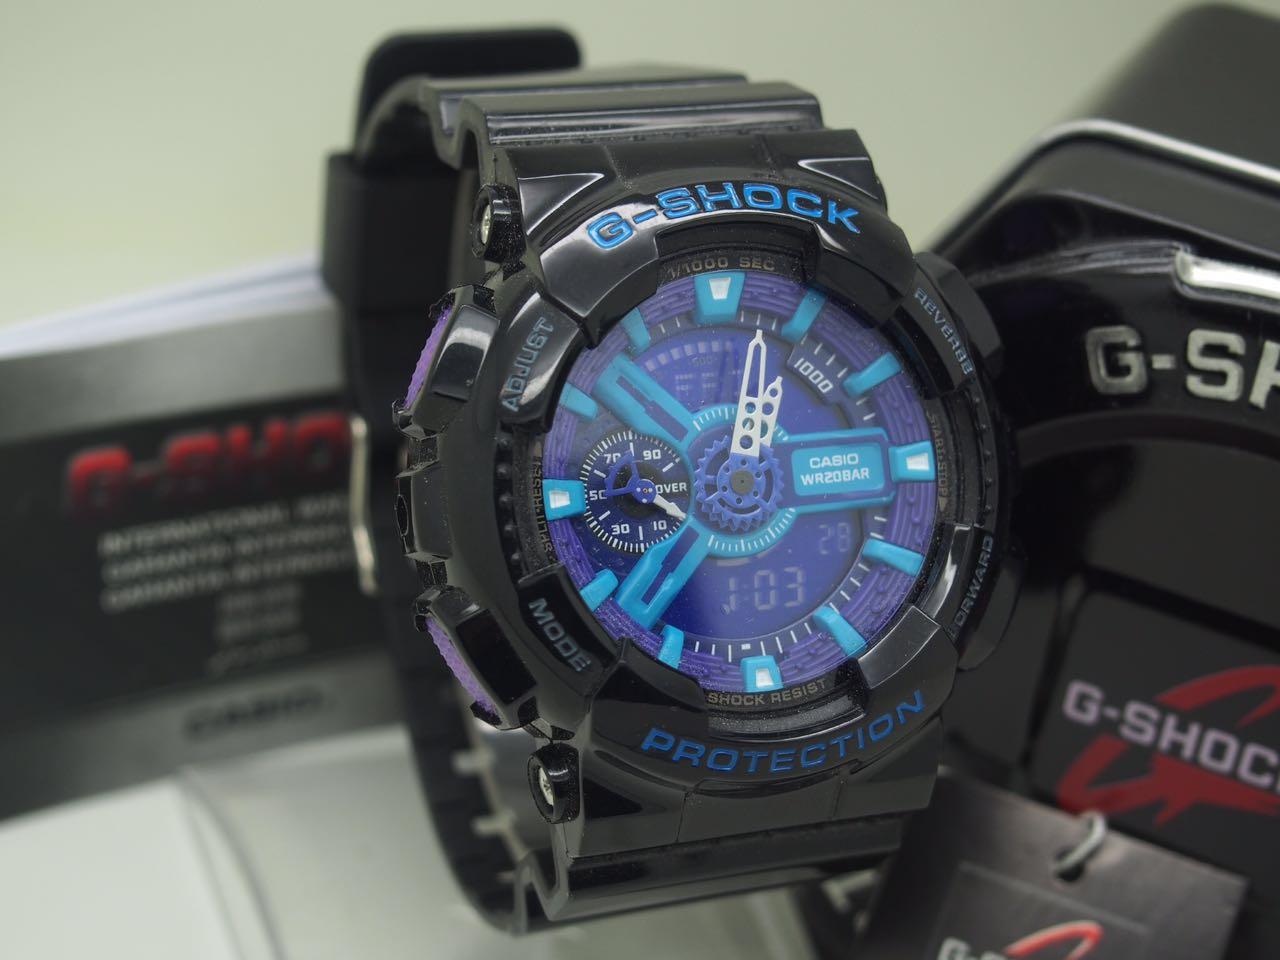 Replica g shock watches - G Shock High Grade Replica Watch Rm 140 Nett Free Shipping